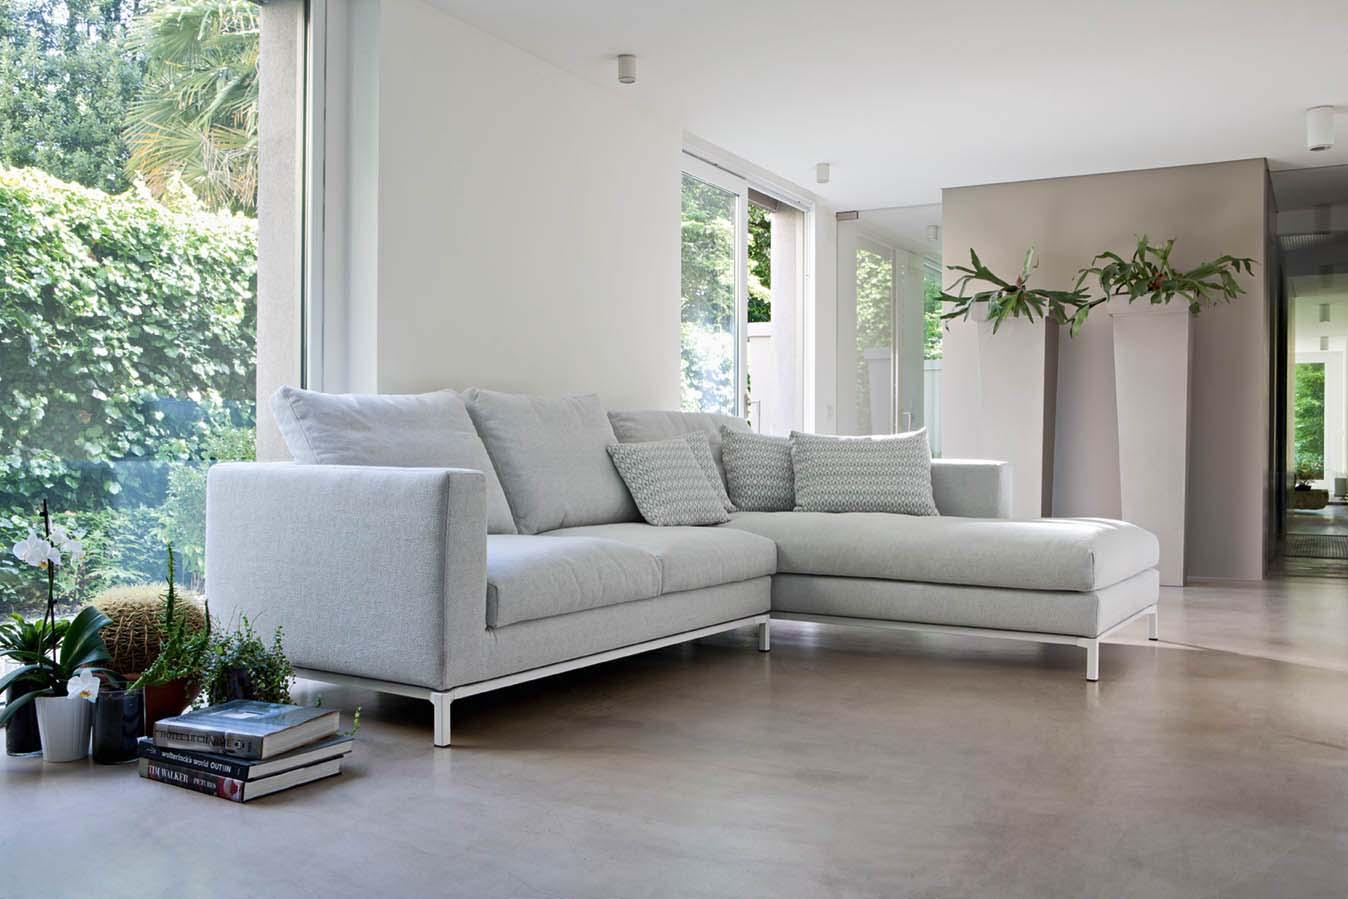 Colorado divano design moderno in tessuto o ecopelle - Divano moderno design ...